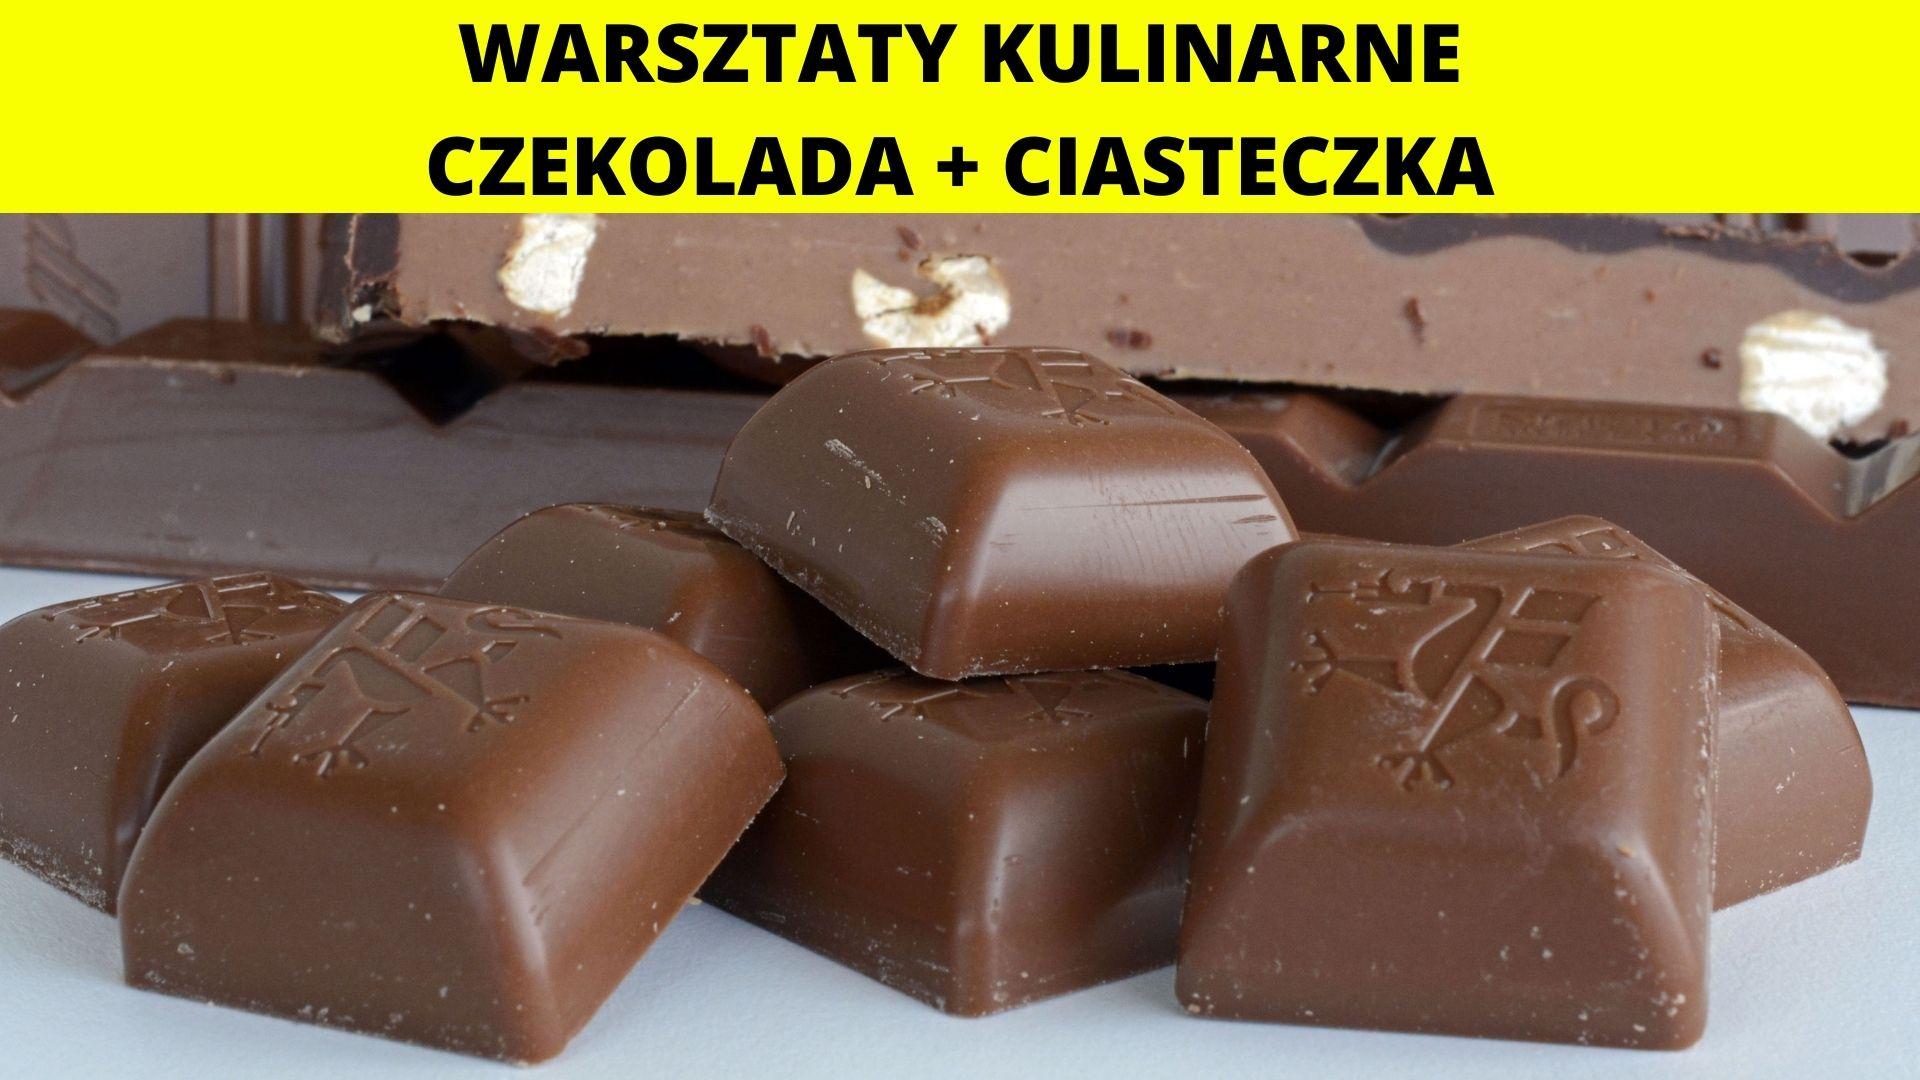 Kulinarne inspiracje - warsztaty czekoladowe + pieczenie ciasteczek